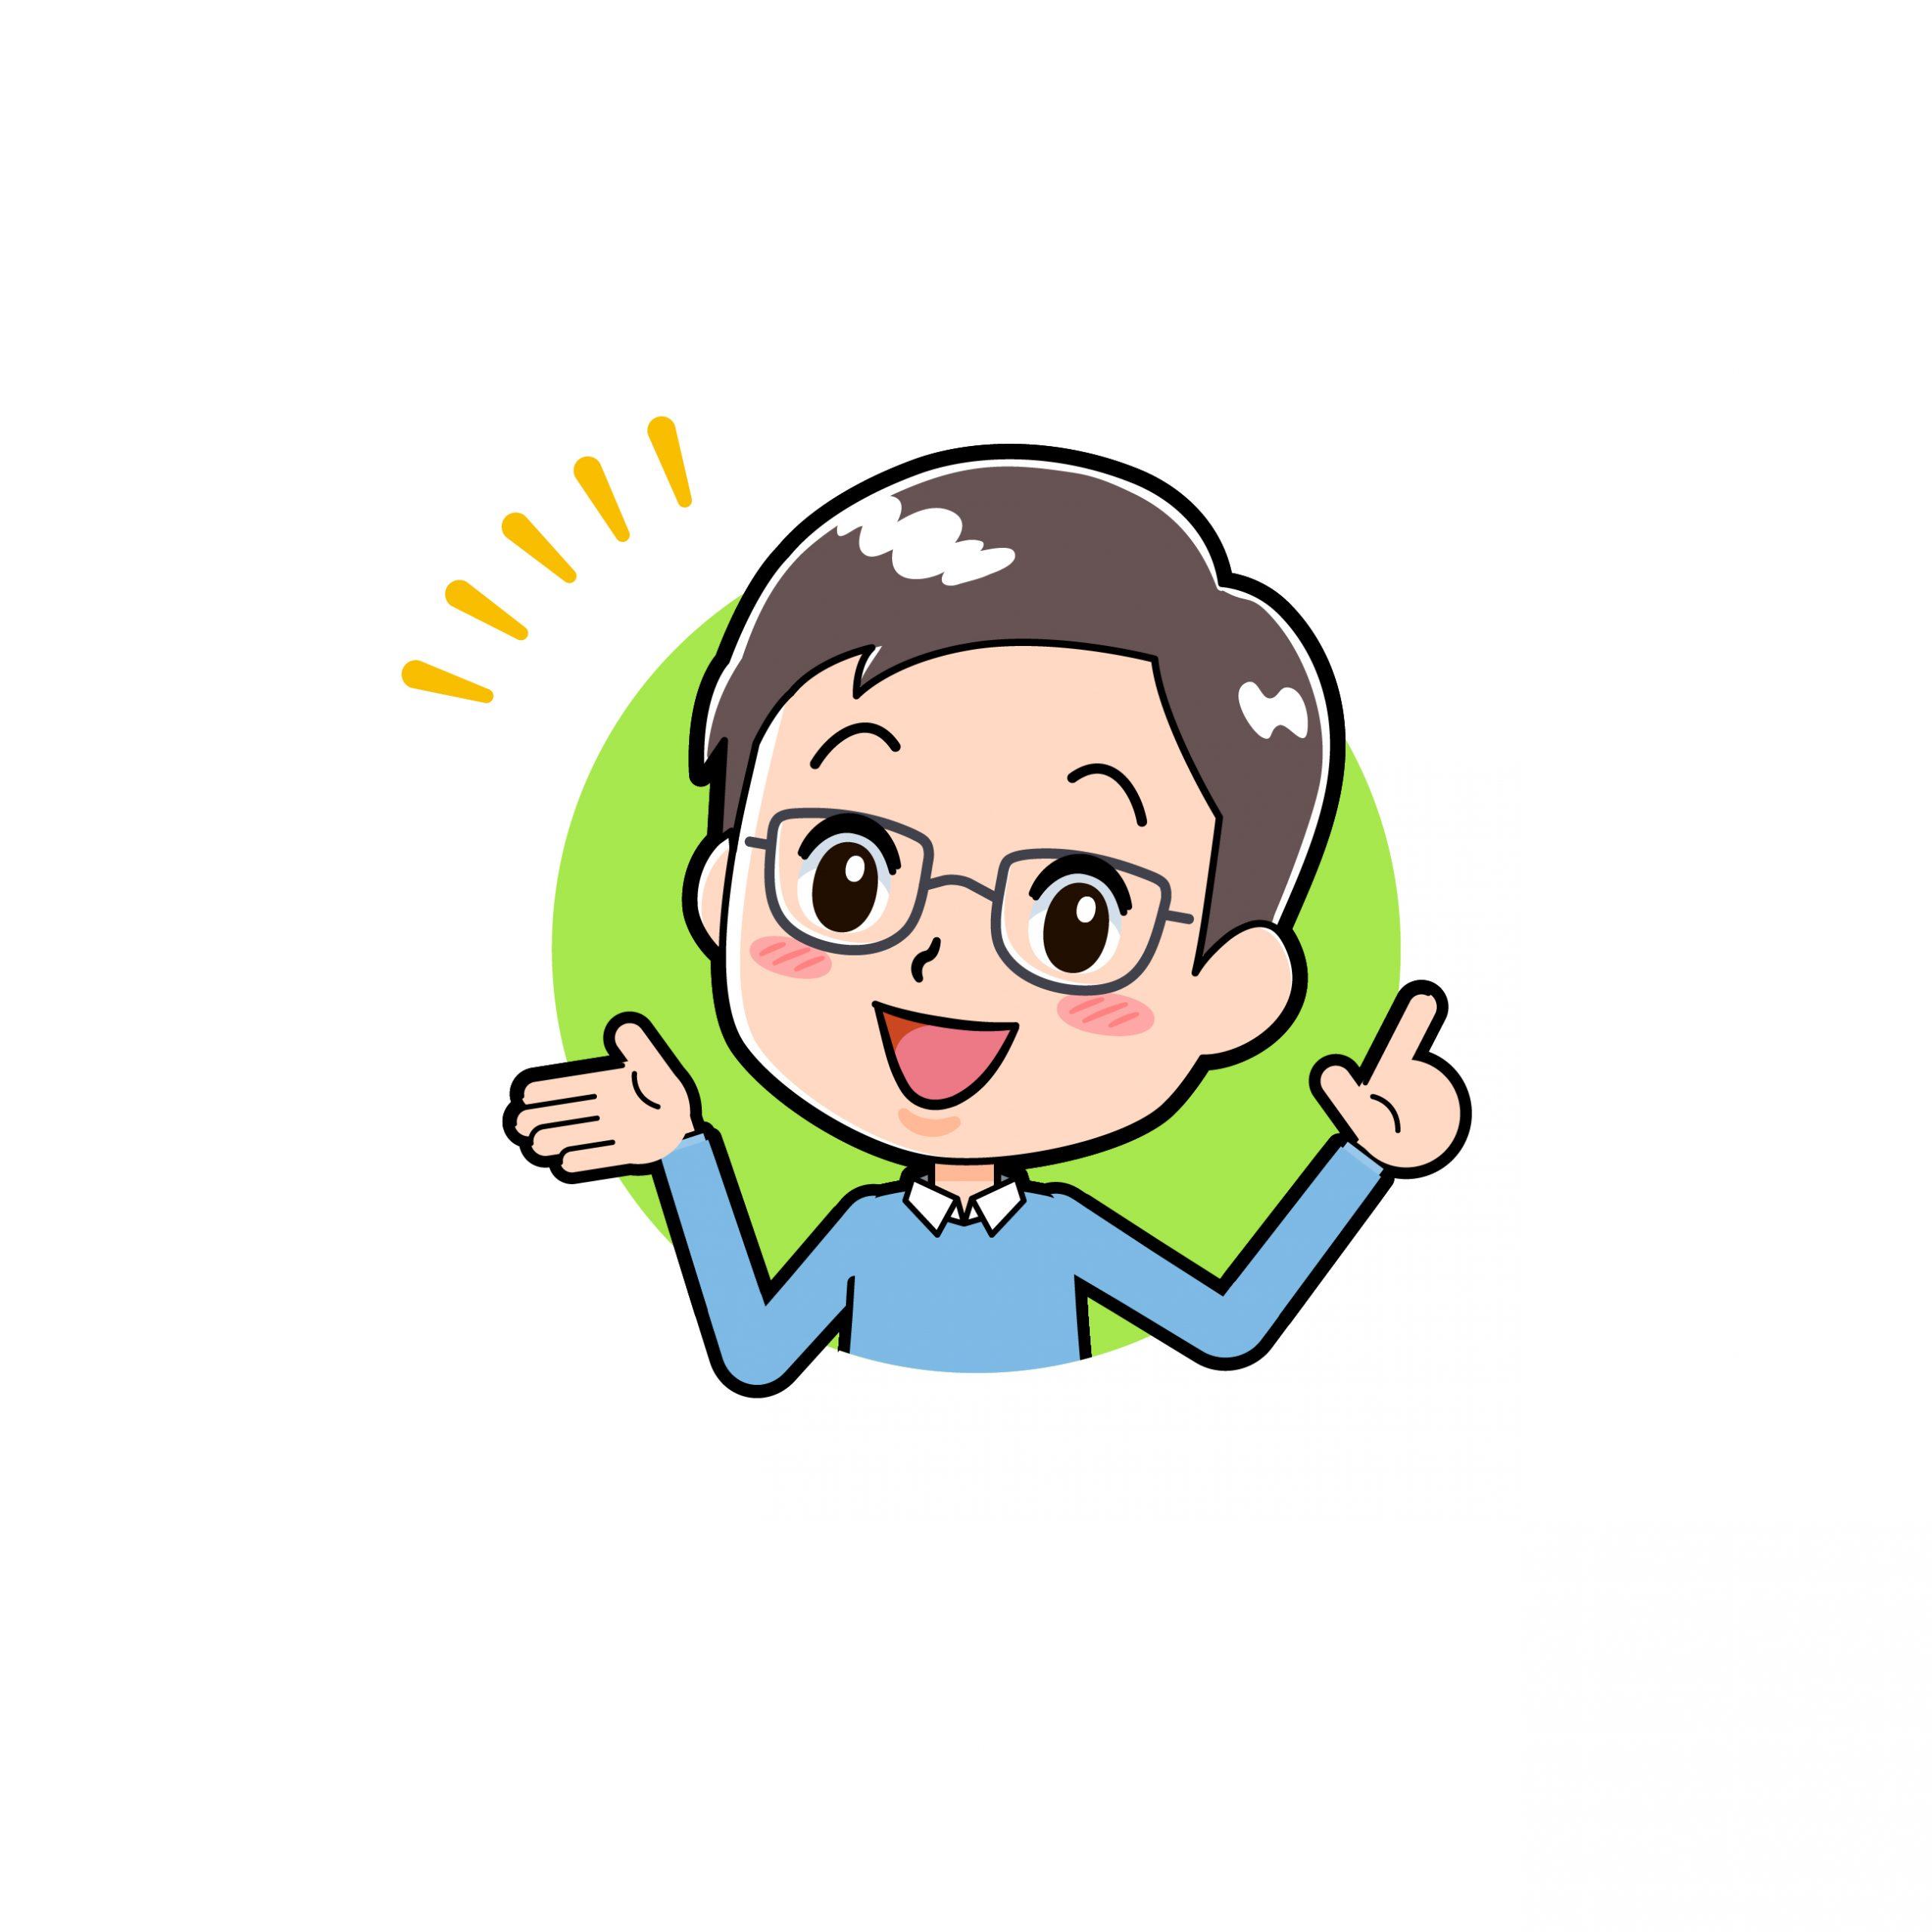 ソク 読み bl